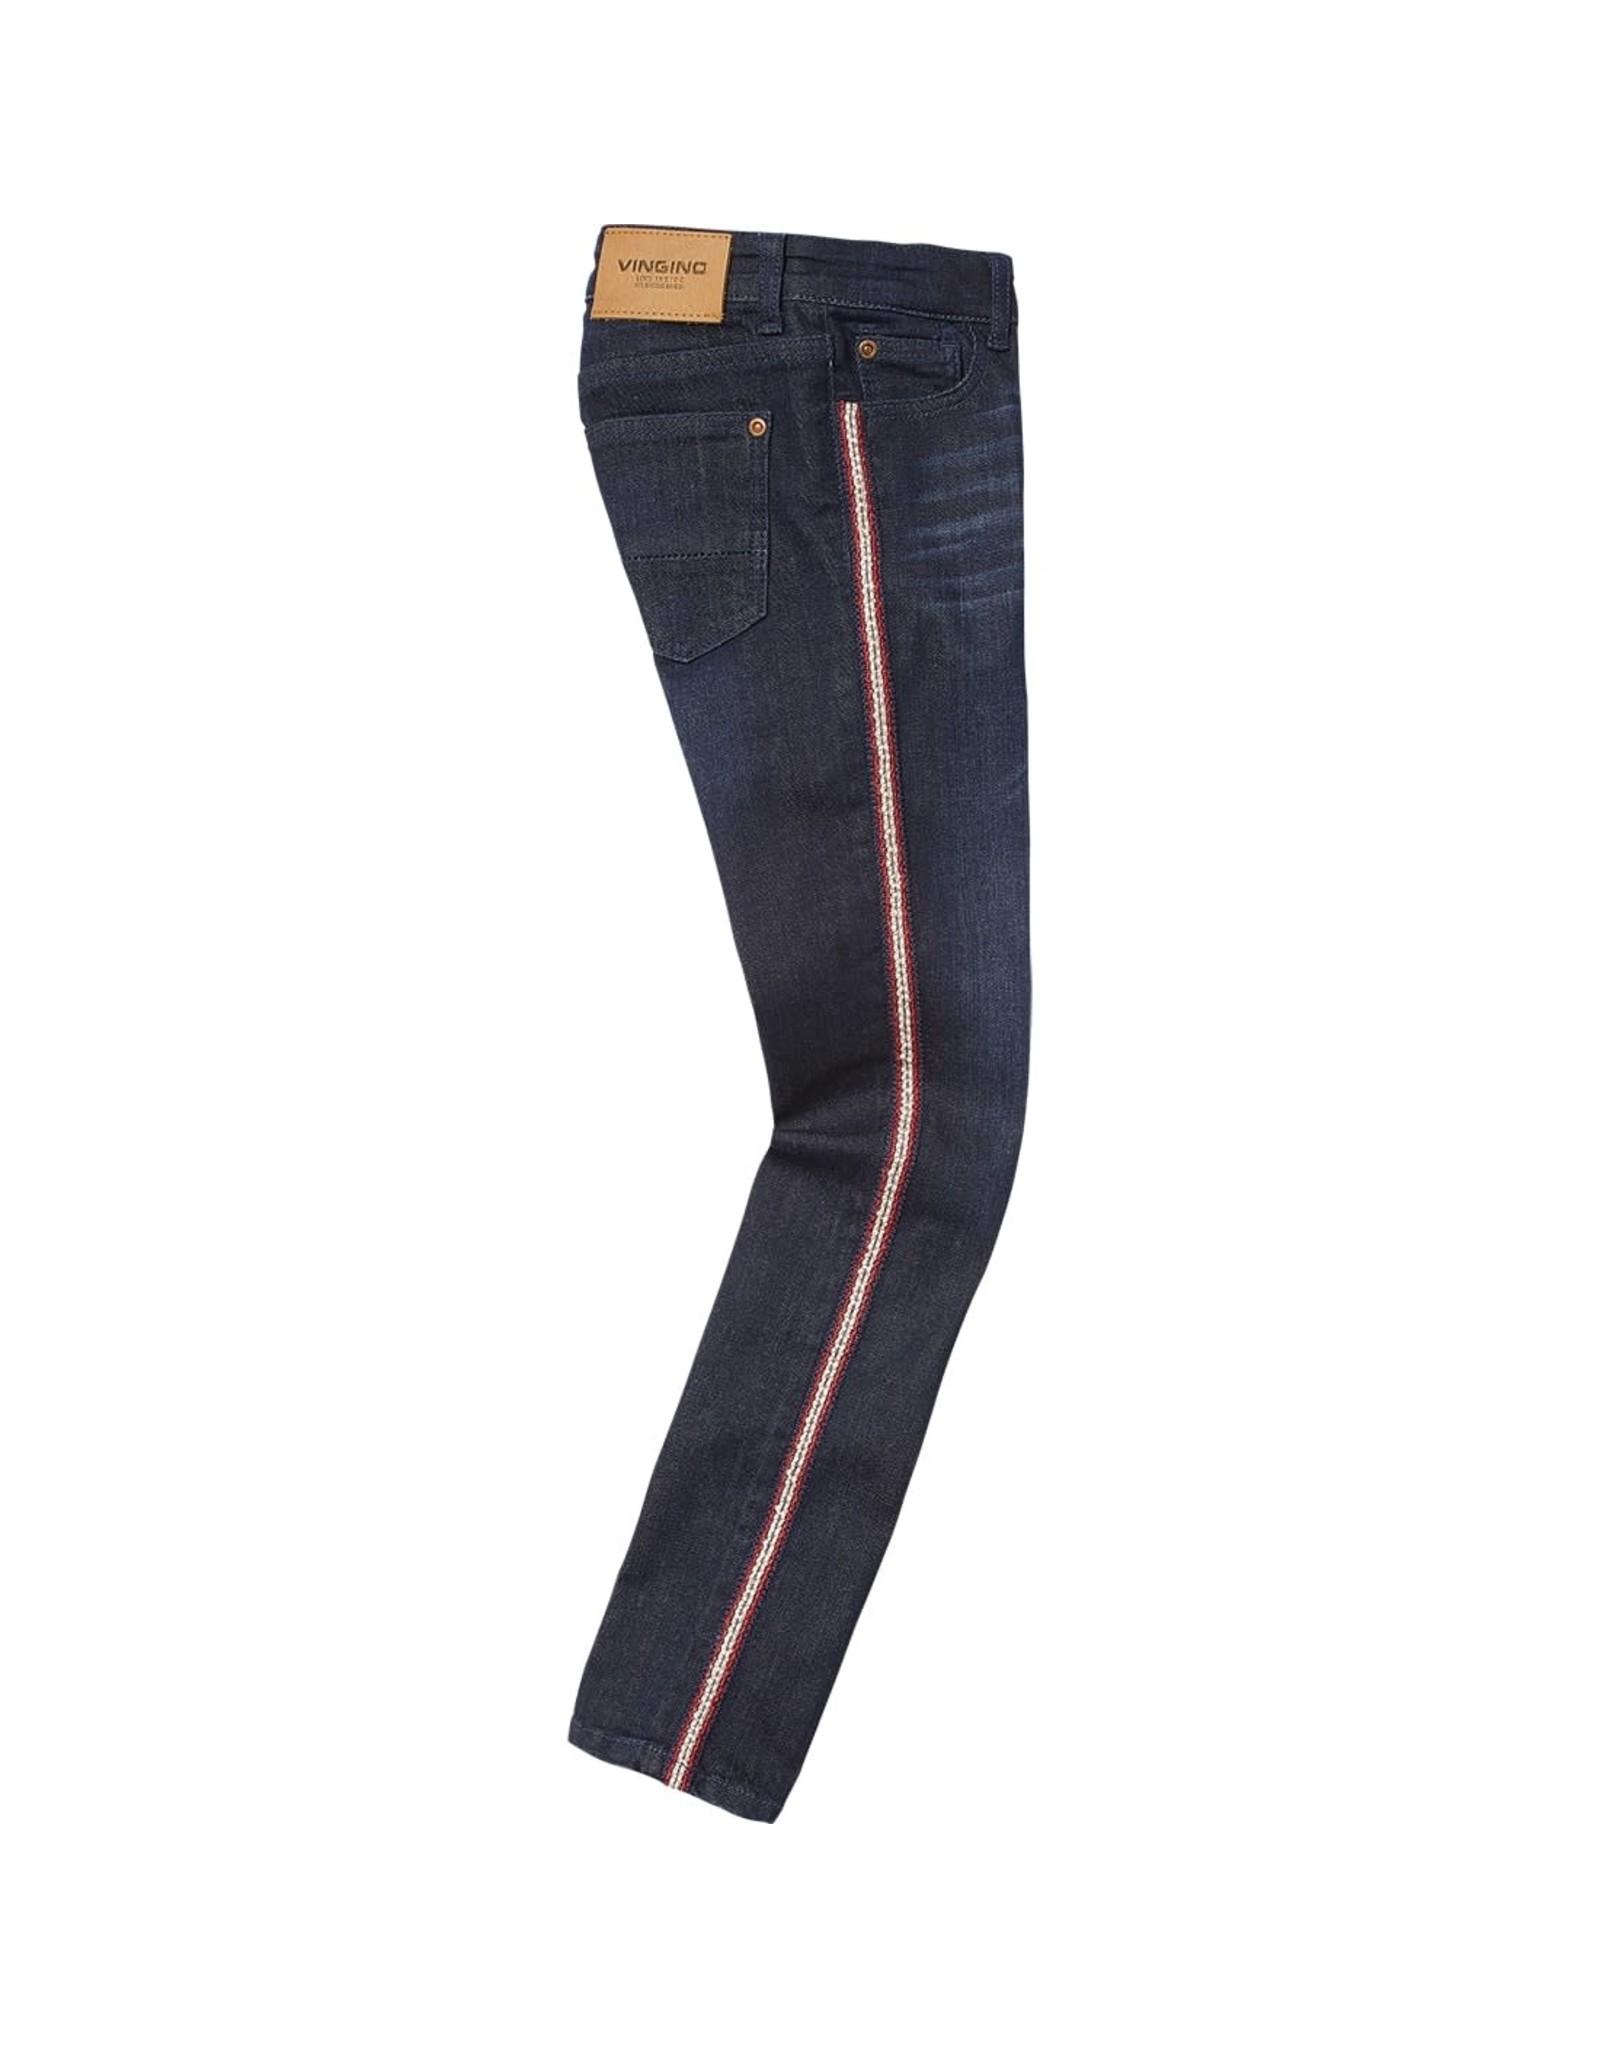 Vingino Vingino meiden jeans Alesse